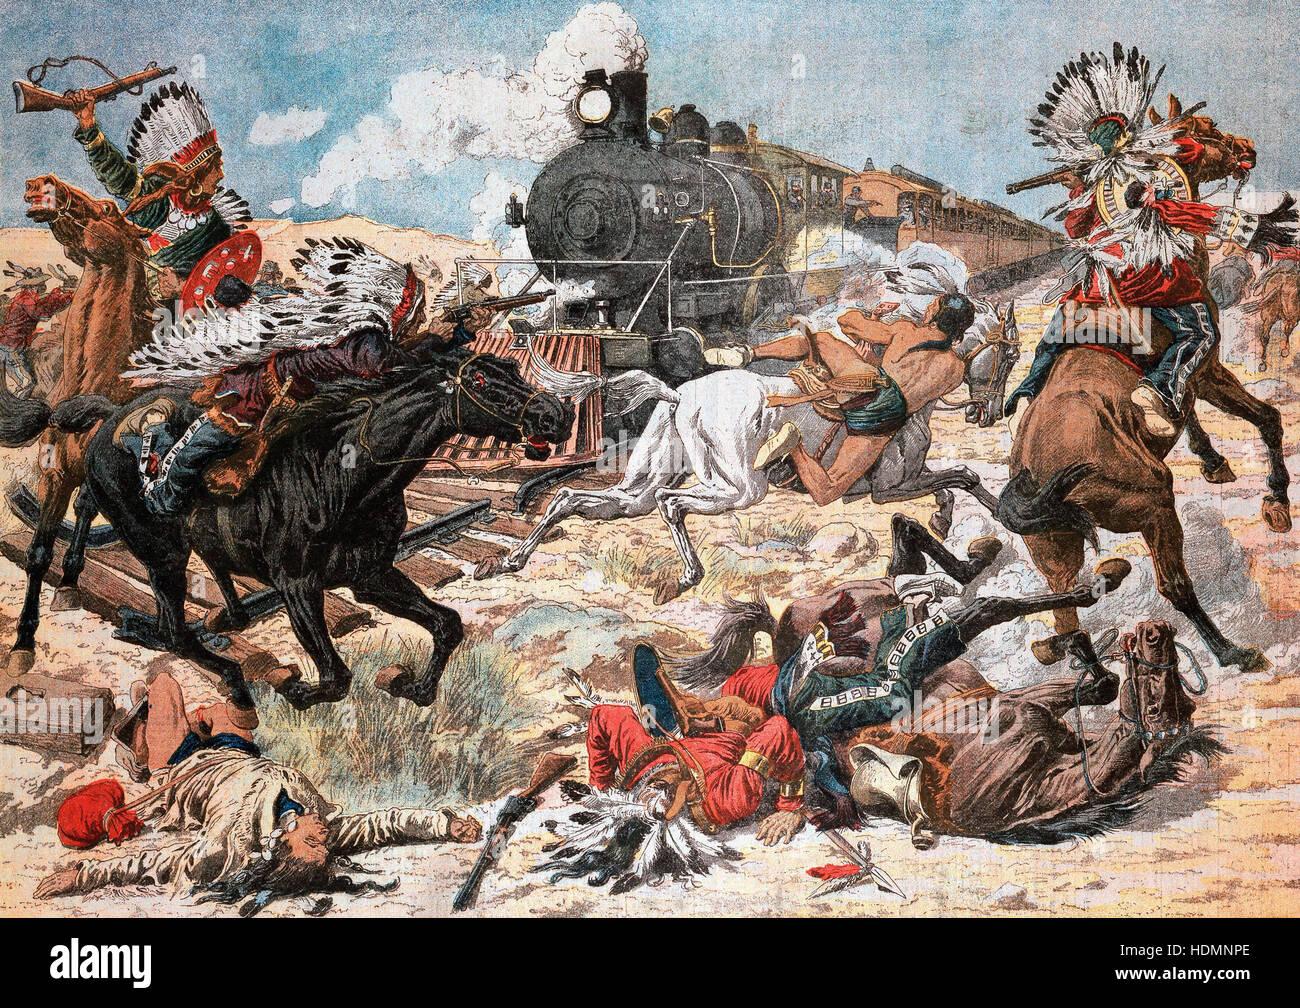 """""""Le Petit Journal', Parigi, 25 febbraio, 1906 - Indiani del Nord America che attacca un treno sulla South Immagini Stock"""